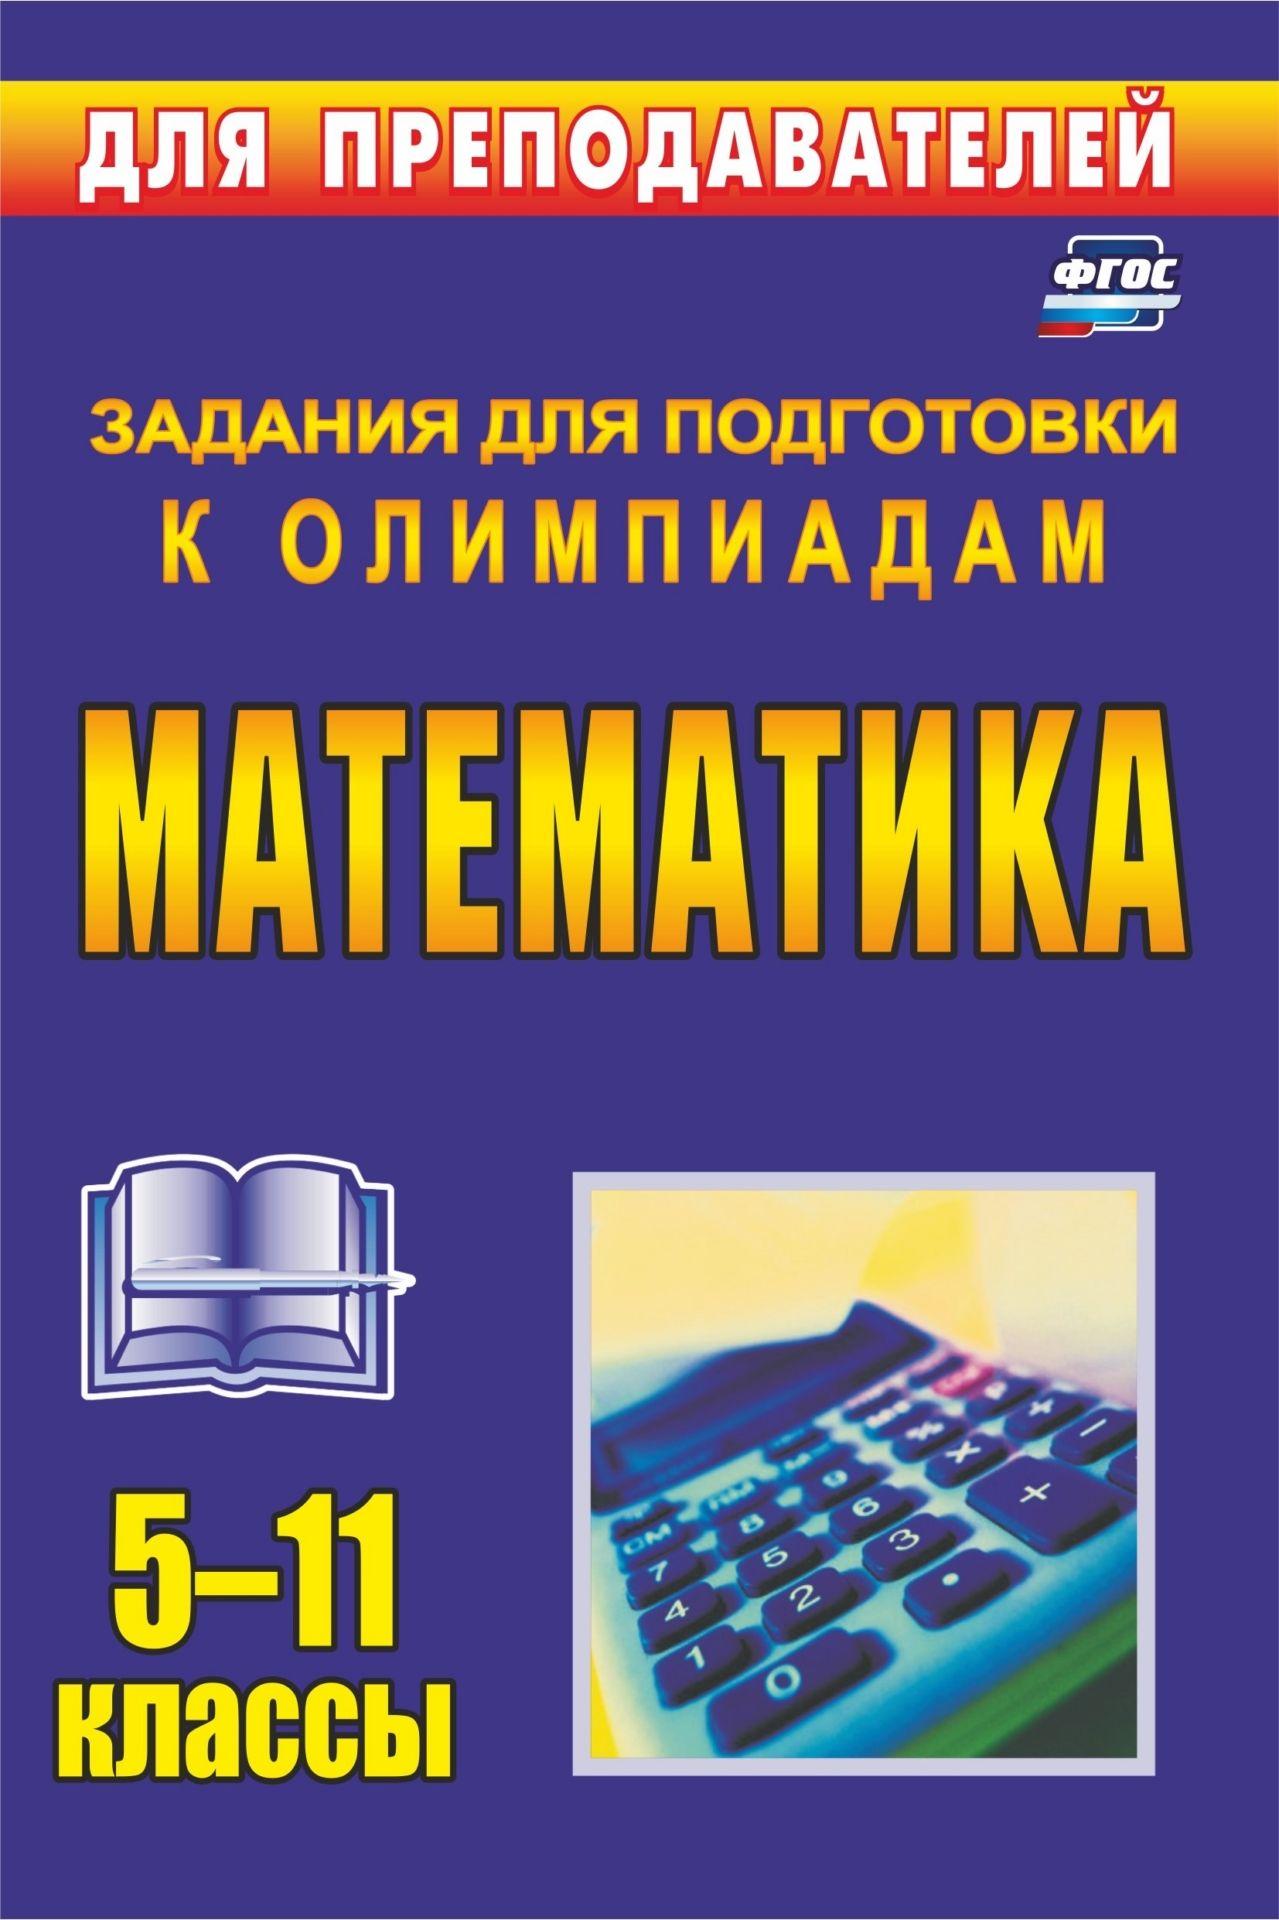 Олимпиадные задания по математике. 5-11 классыПредметы<br>В данное пособие включены задания, которые могут быть использованы для проведения олимпиад и математических конкурсов, способствующих развитию математического мышления, логики. Все задания снабжены ответами.Предлагаемая методика подготовки к участию в оли...<br><br>Авторы: Безрукова О. Л.<br>Год: 2017<br>Серия: Для преподавателей<br>ISBN: 978-5-7057-1658-6, 978-5-7057-3360-6<br>Высота: 210<br>Ширина: 140<br>Толщина: 7<br>Переплёт: мягкая, склейка